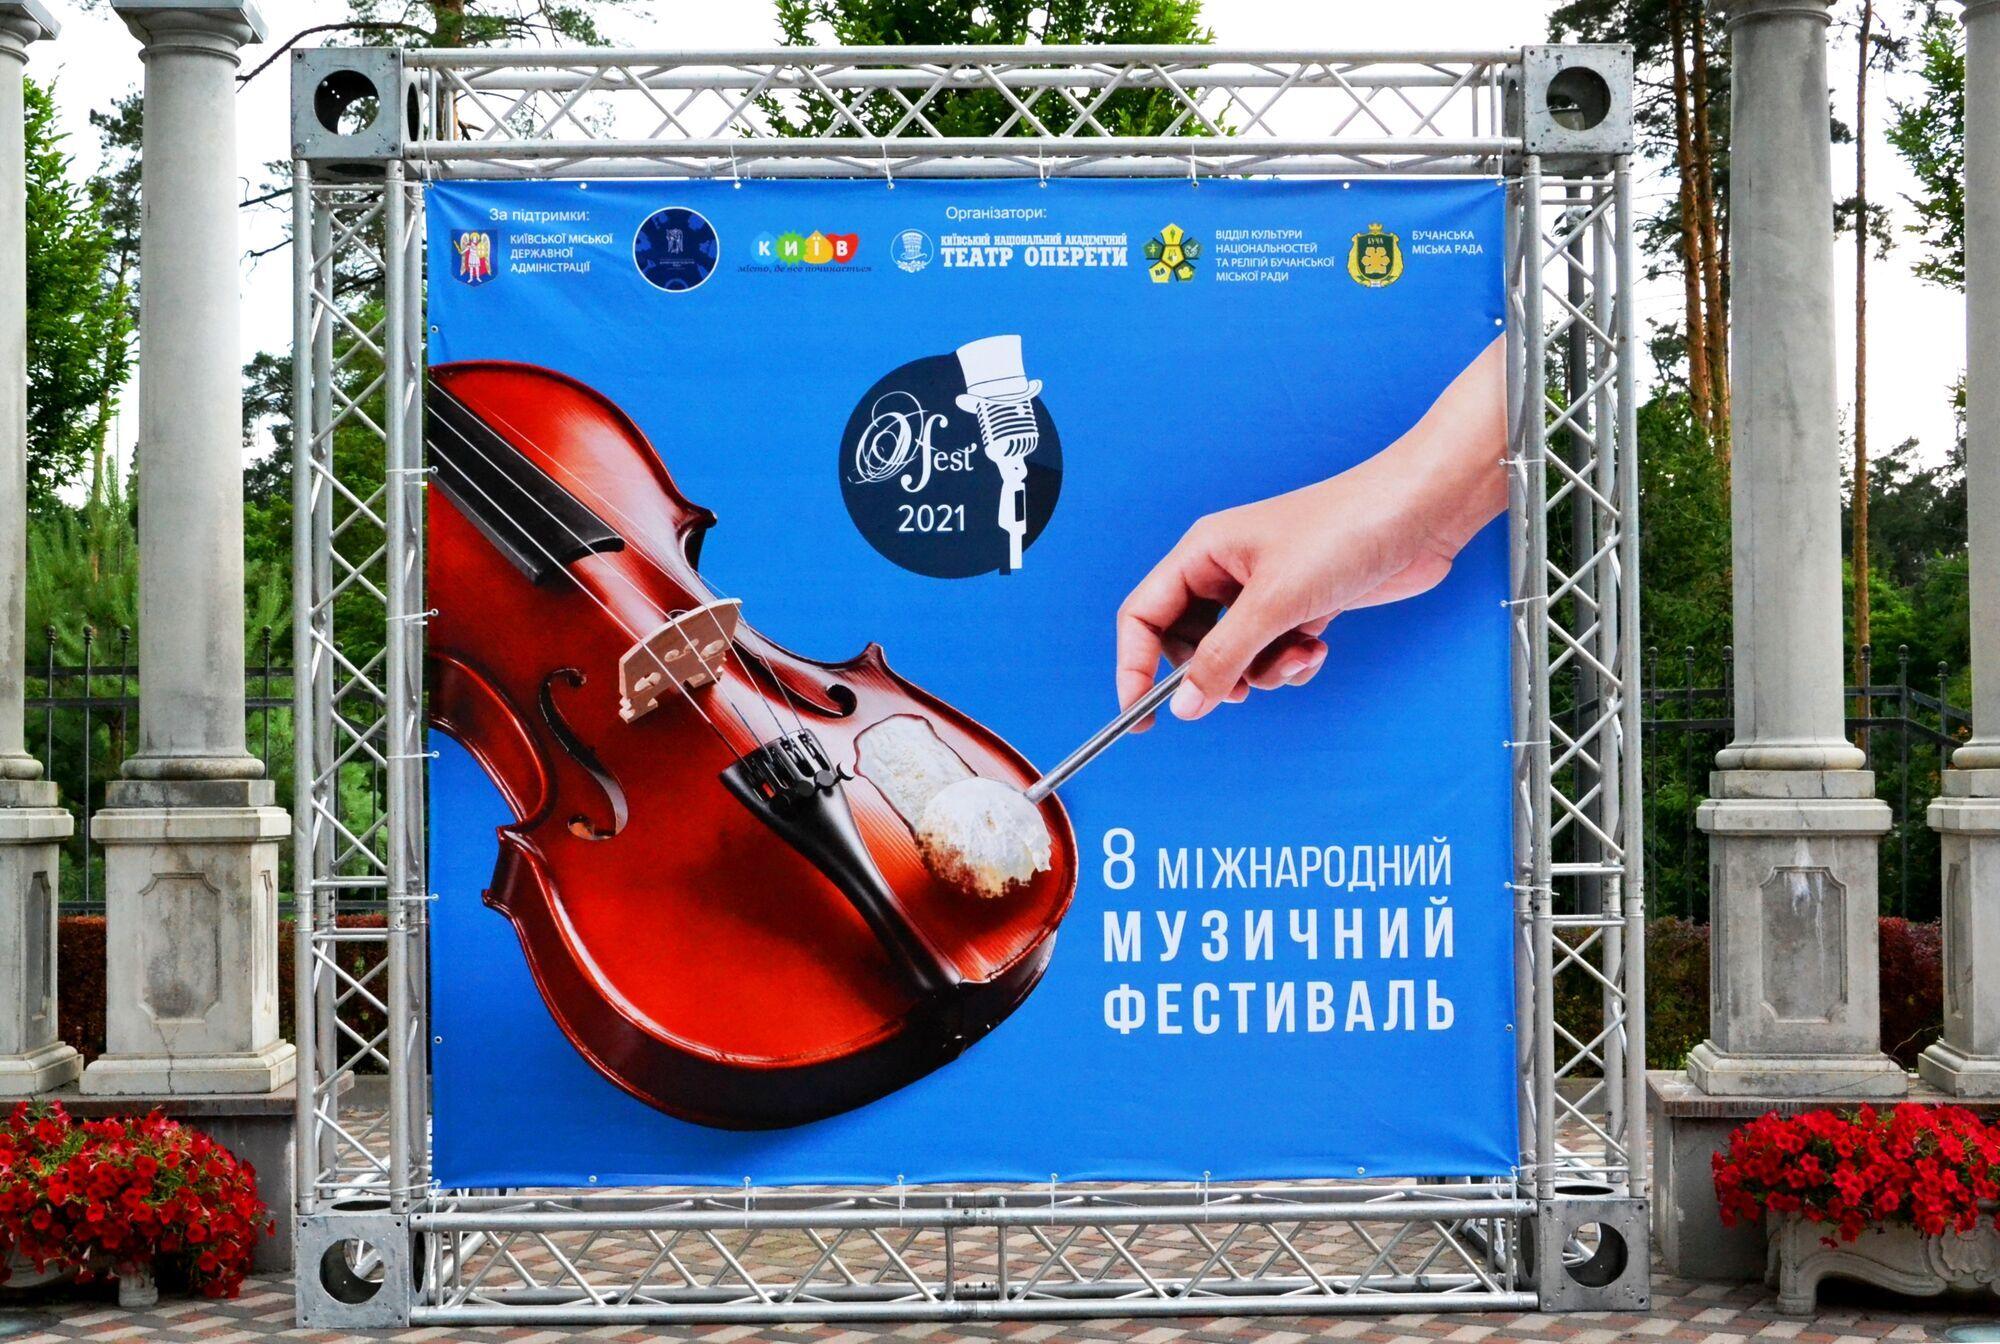 """VIII Международный музыкальный фестиваль """"О-FEST-2021""""."""